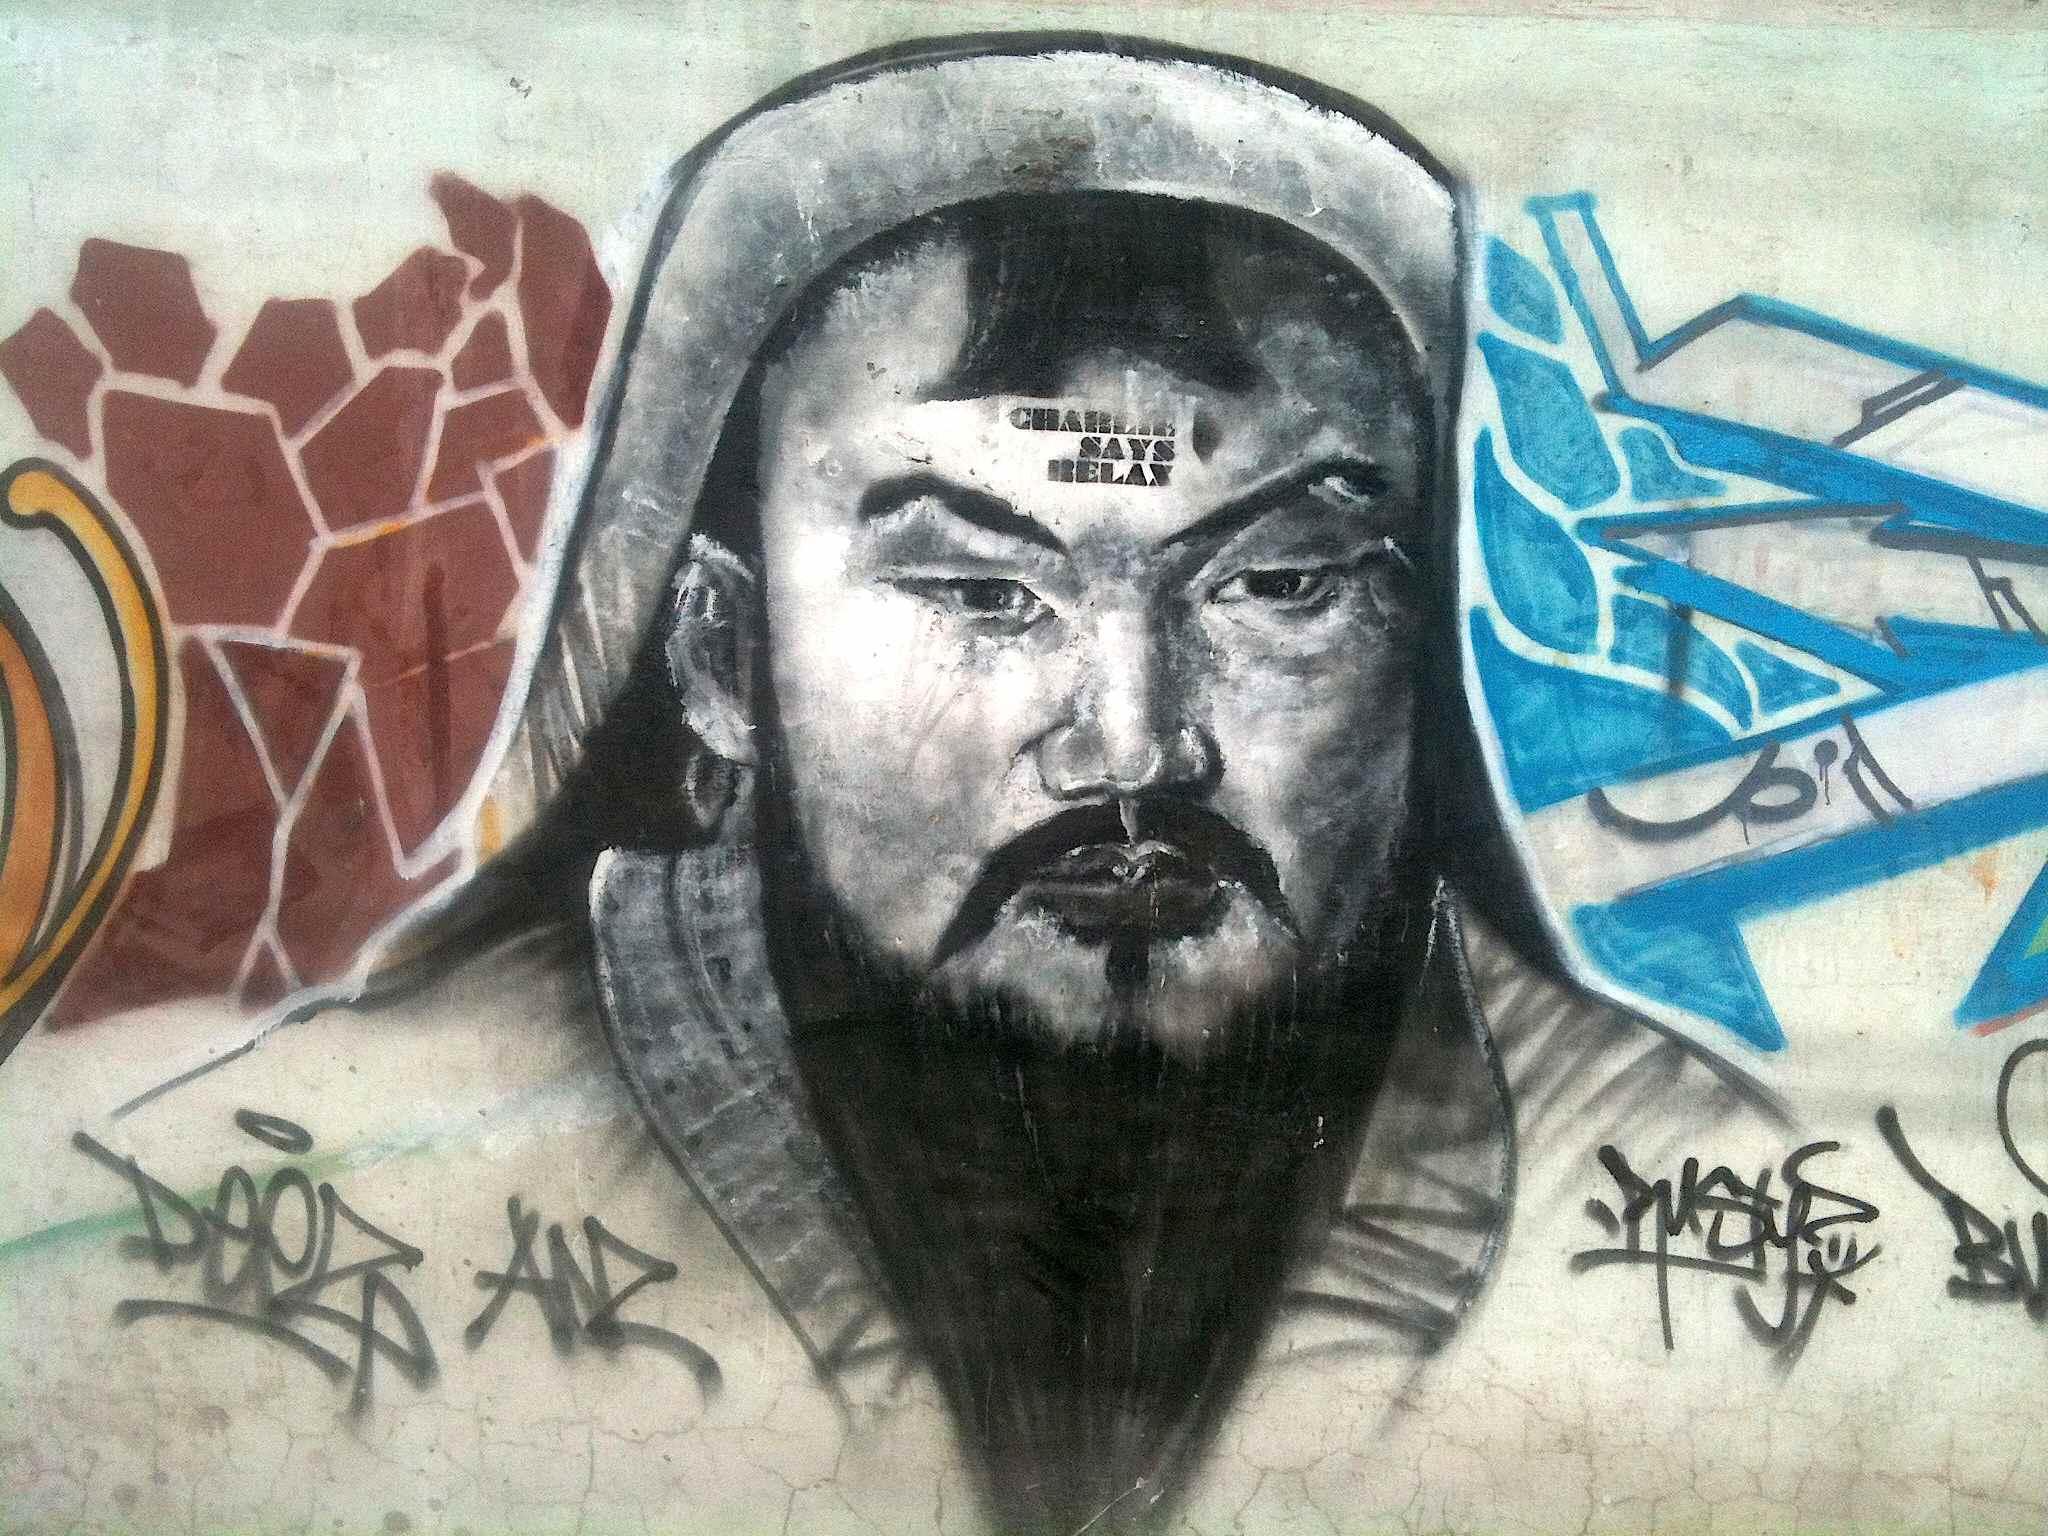 шивэсэний Чингис_хаан – tattooed Genghis Khan